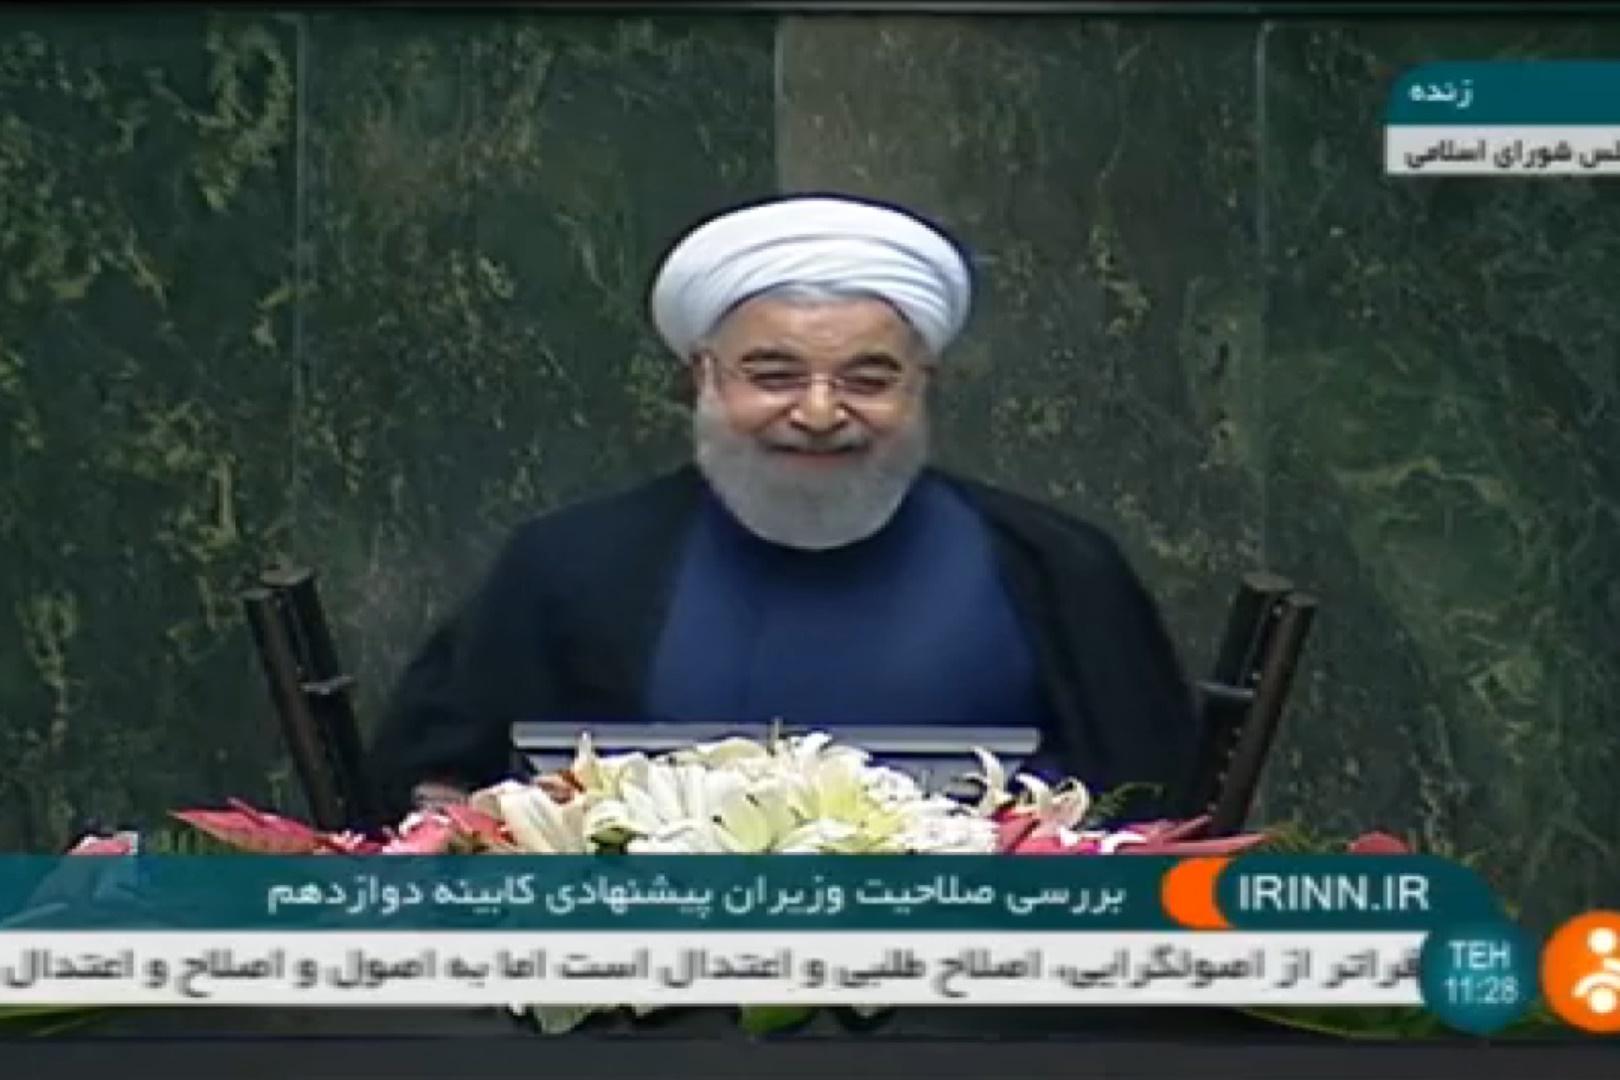 فیلم | روحانی: اگر برخی کارها به عهده وزیر ارشاد است لطفا بگویید دیگران مداخله نکنند